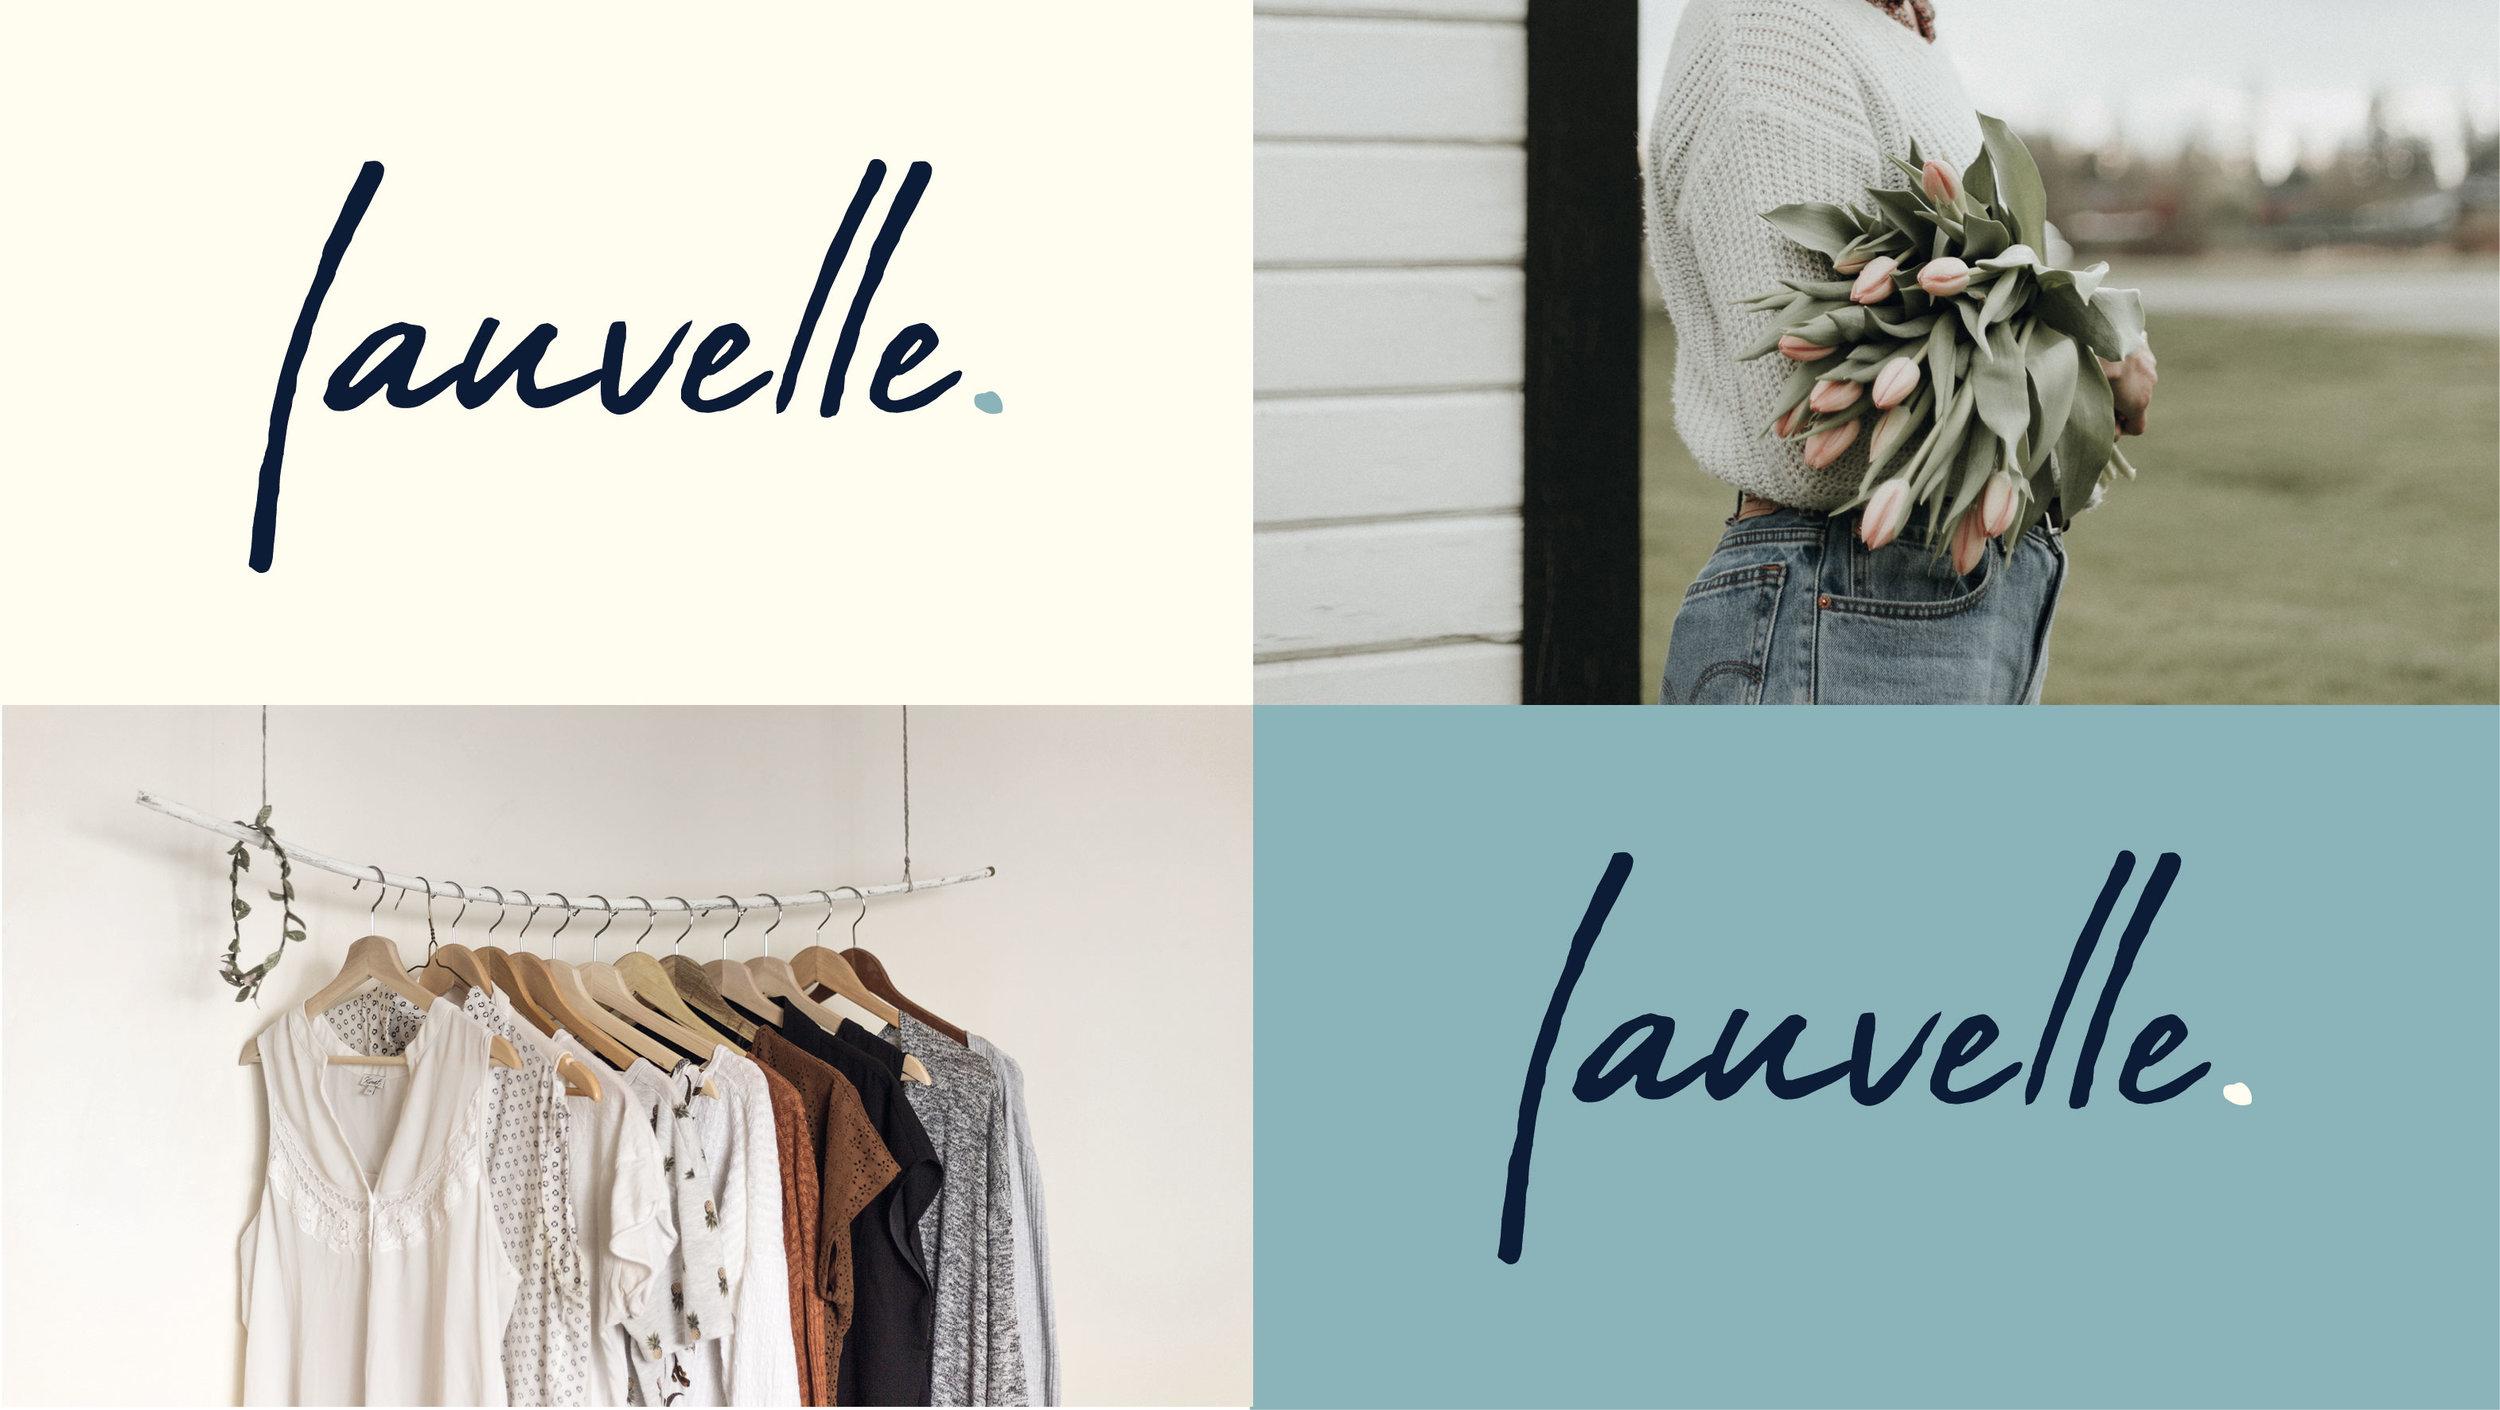 kretz+partners_fauvelle_5.jpg